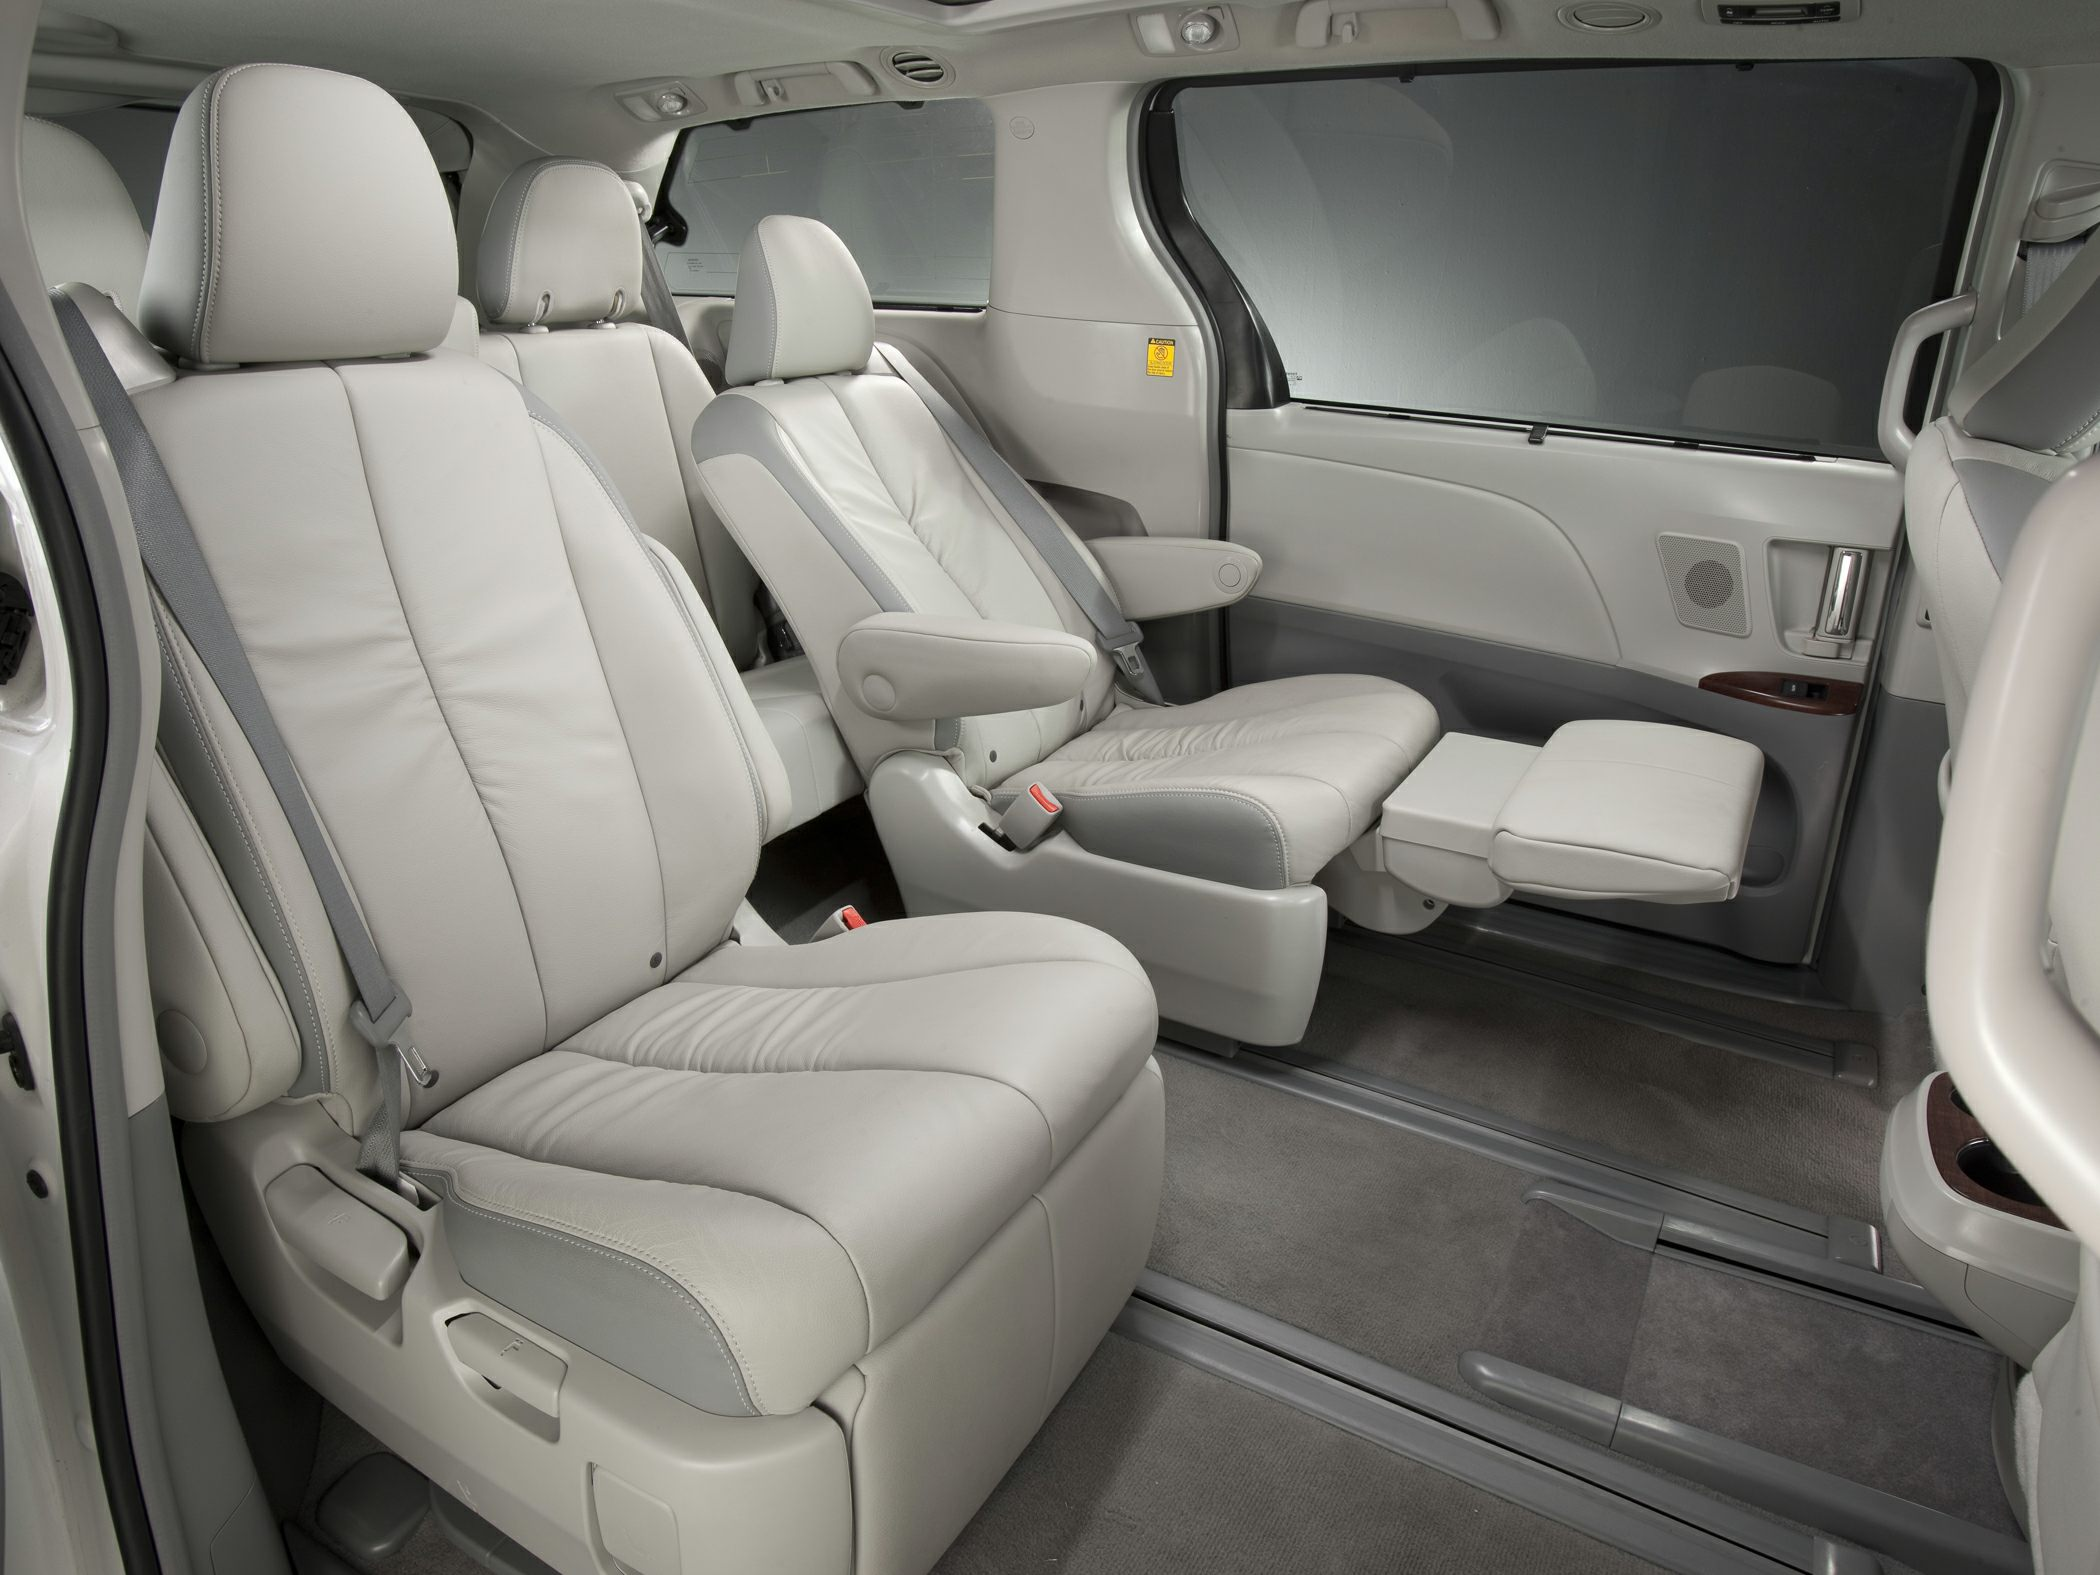 2014 Toyota Sienna Interior